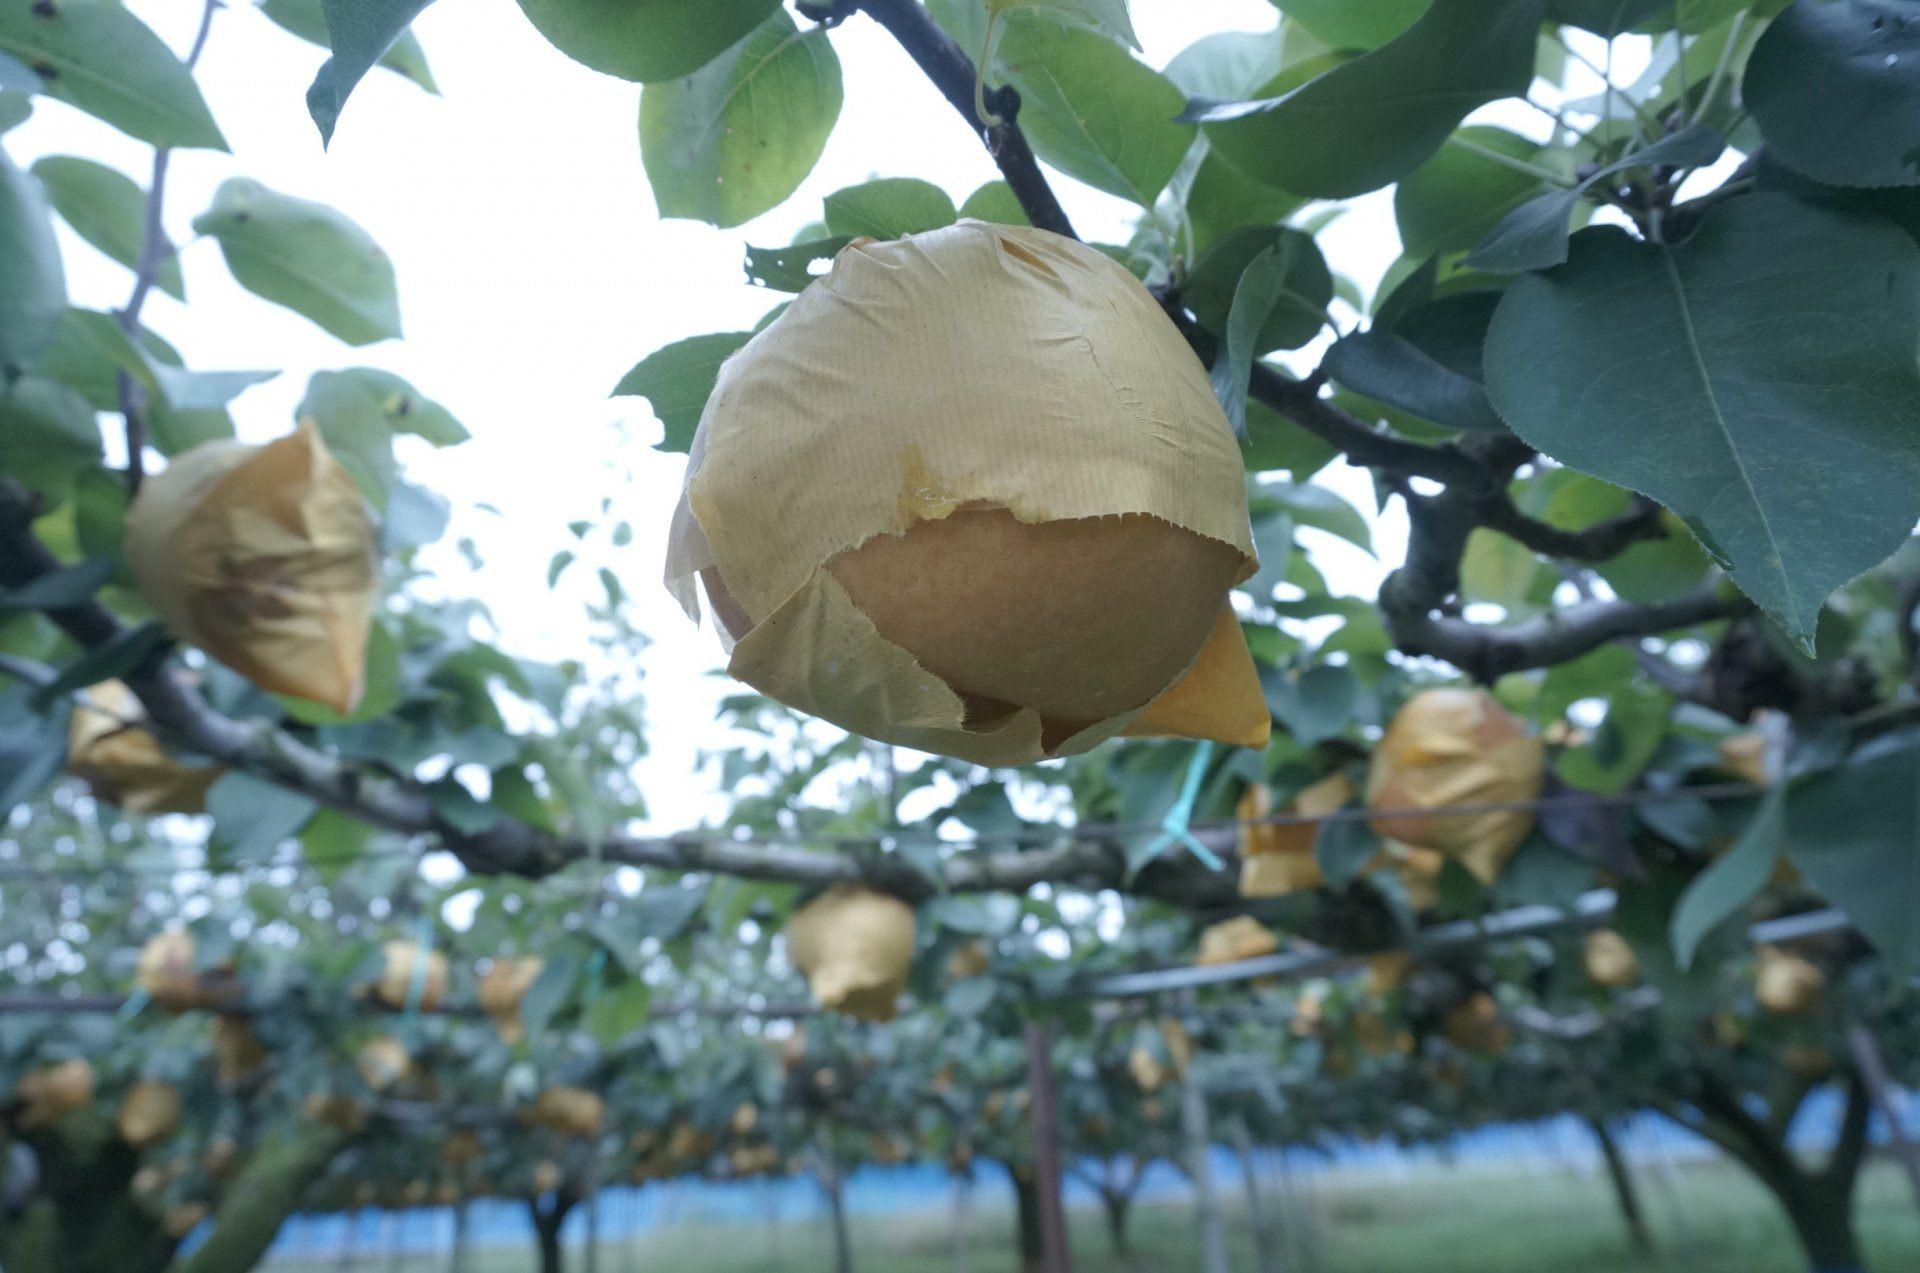 小心翼翼地将梨子一颗颗用专用袋包好